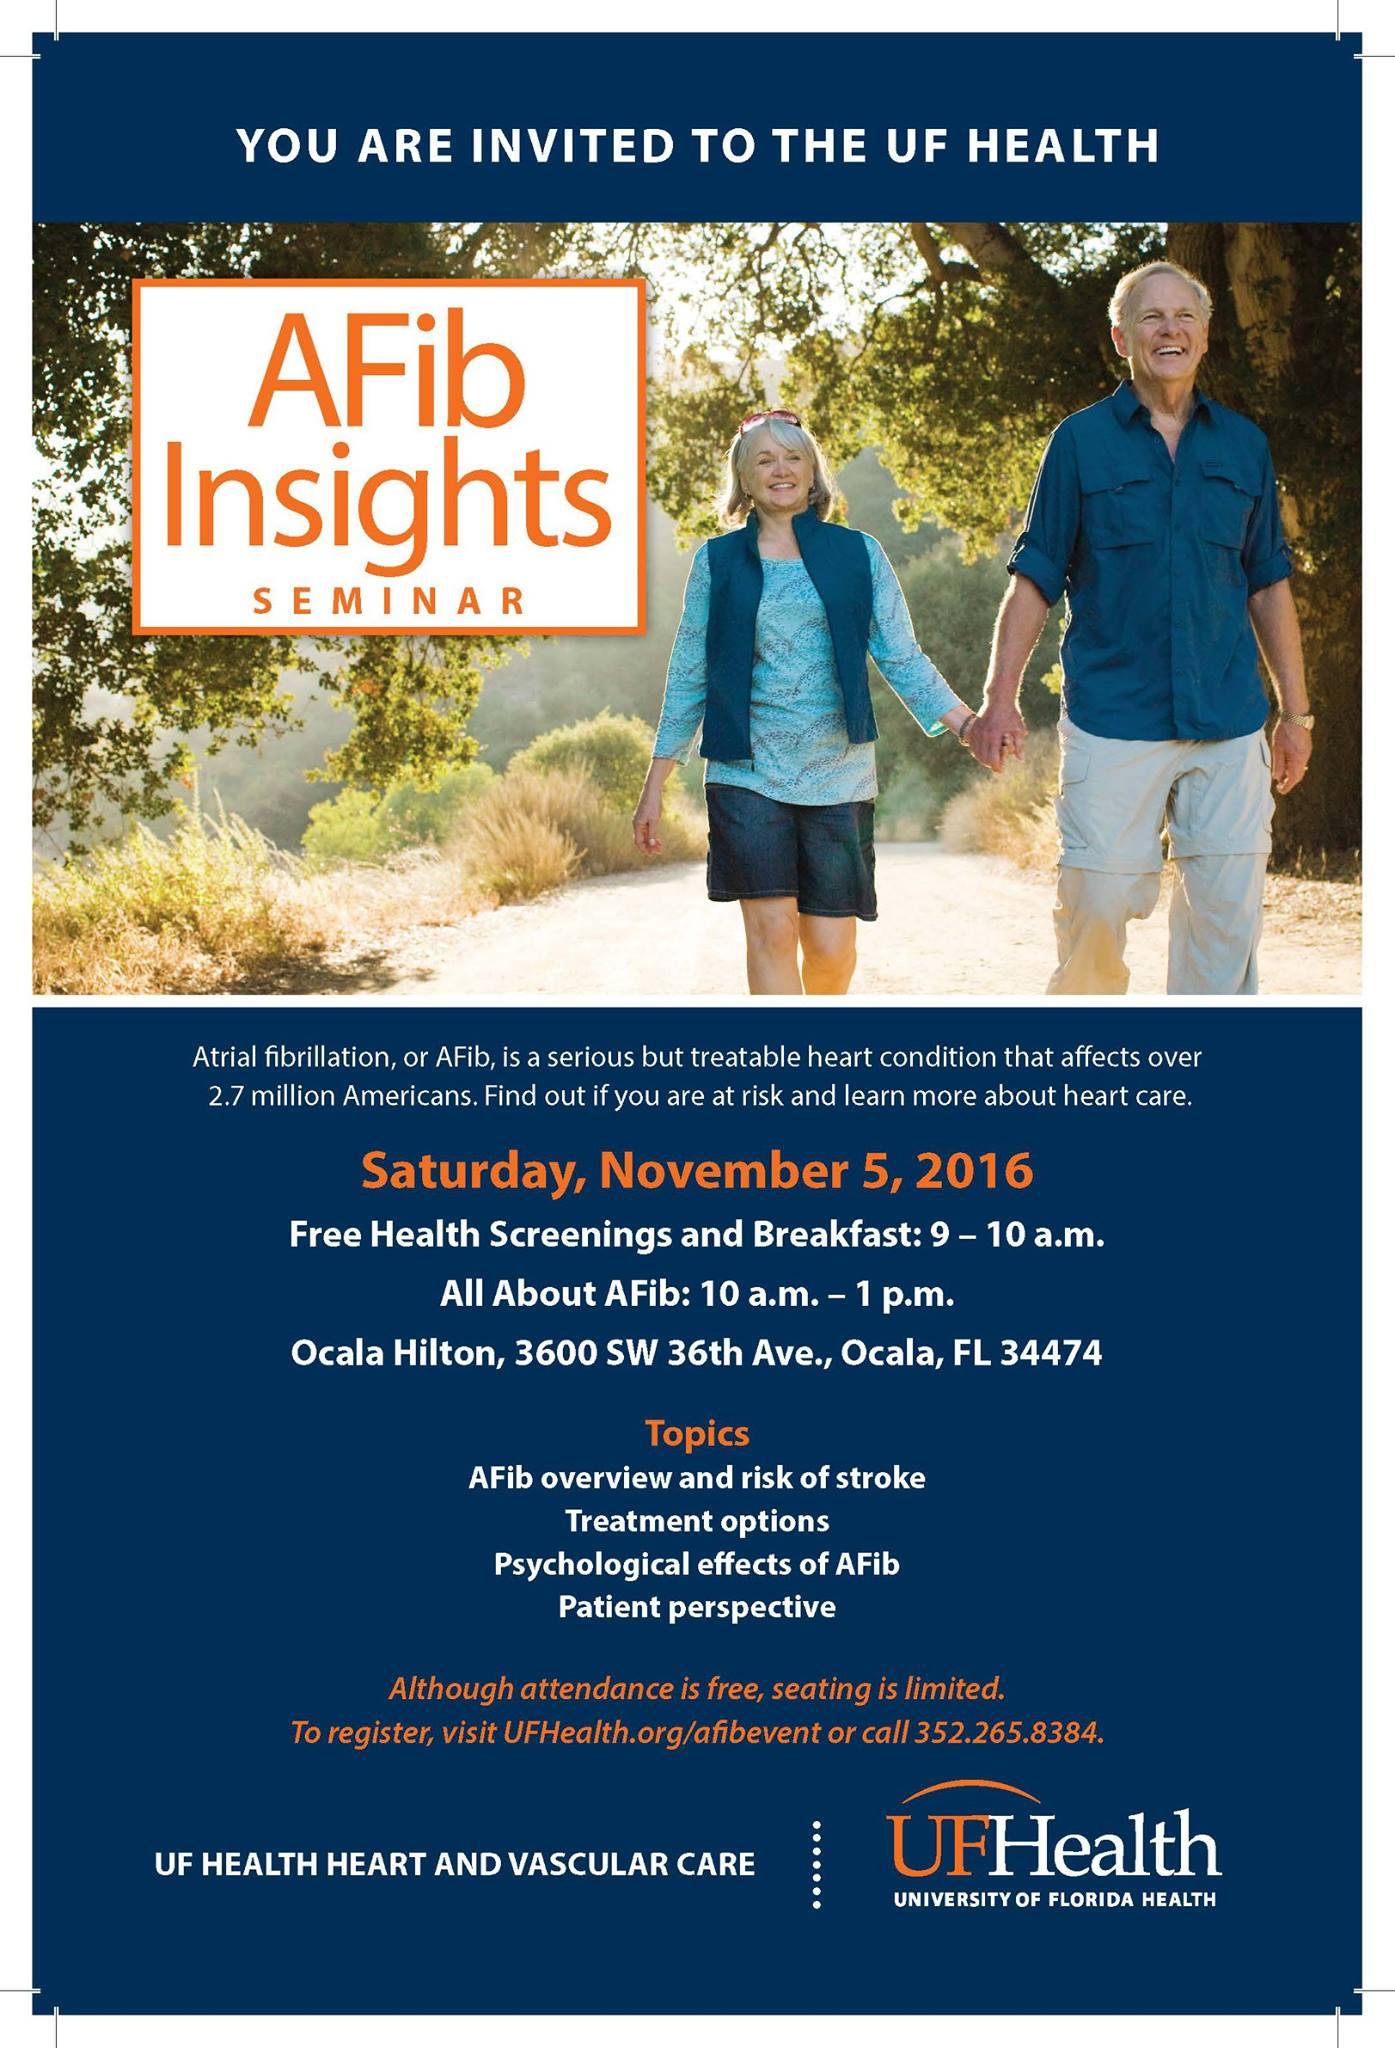 afib-insights-seminar